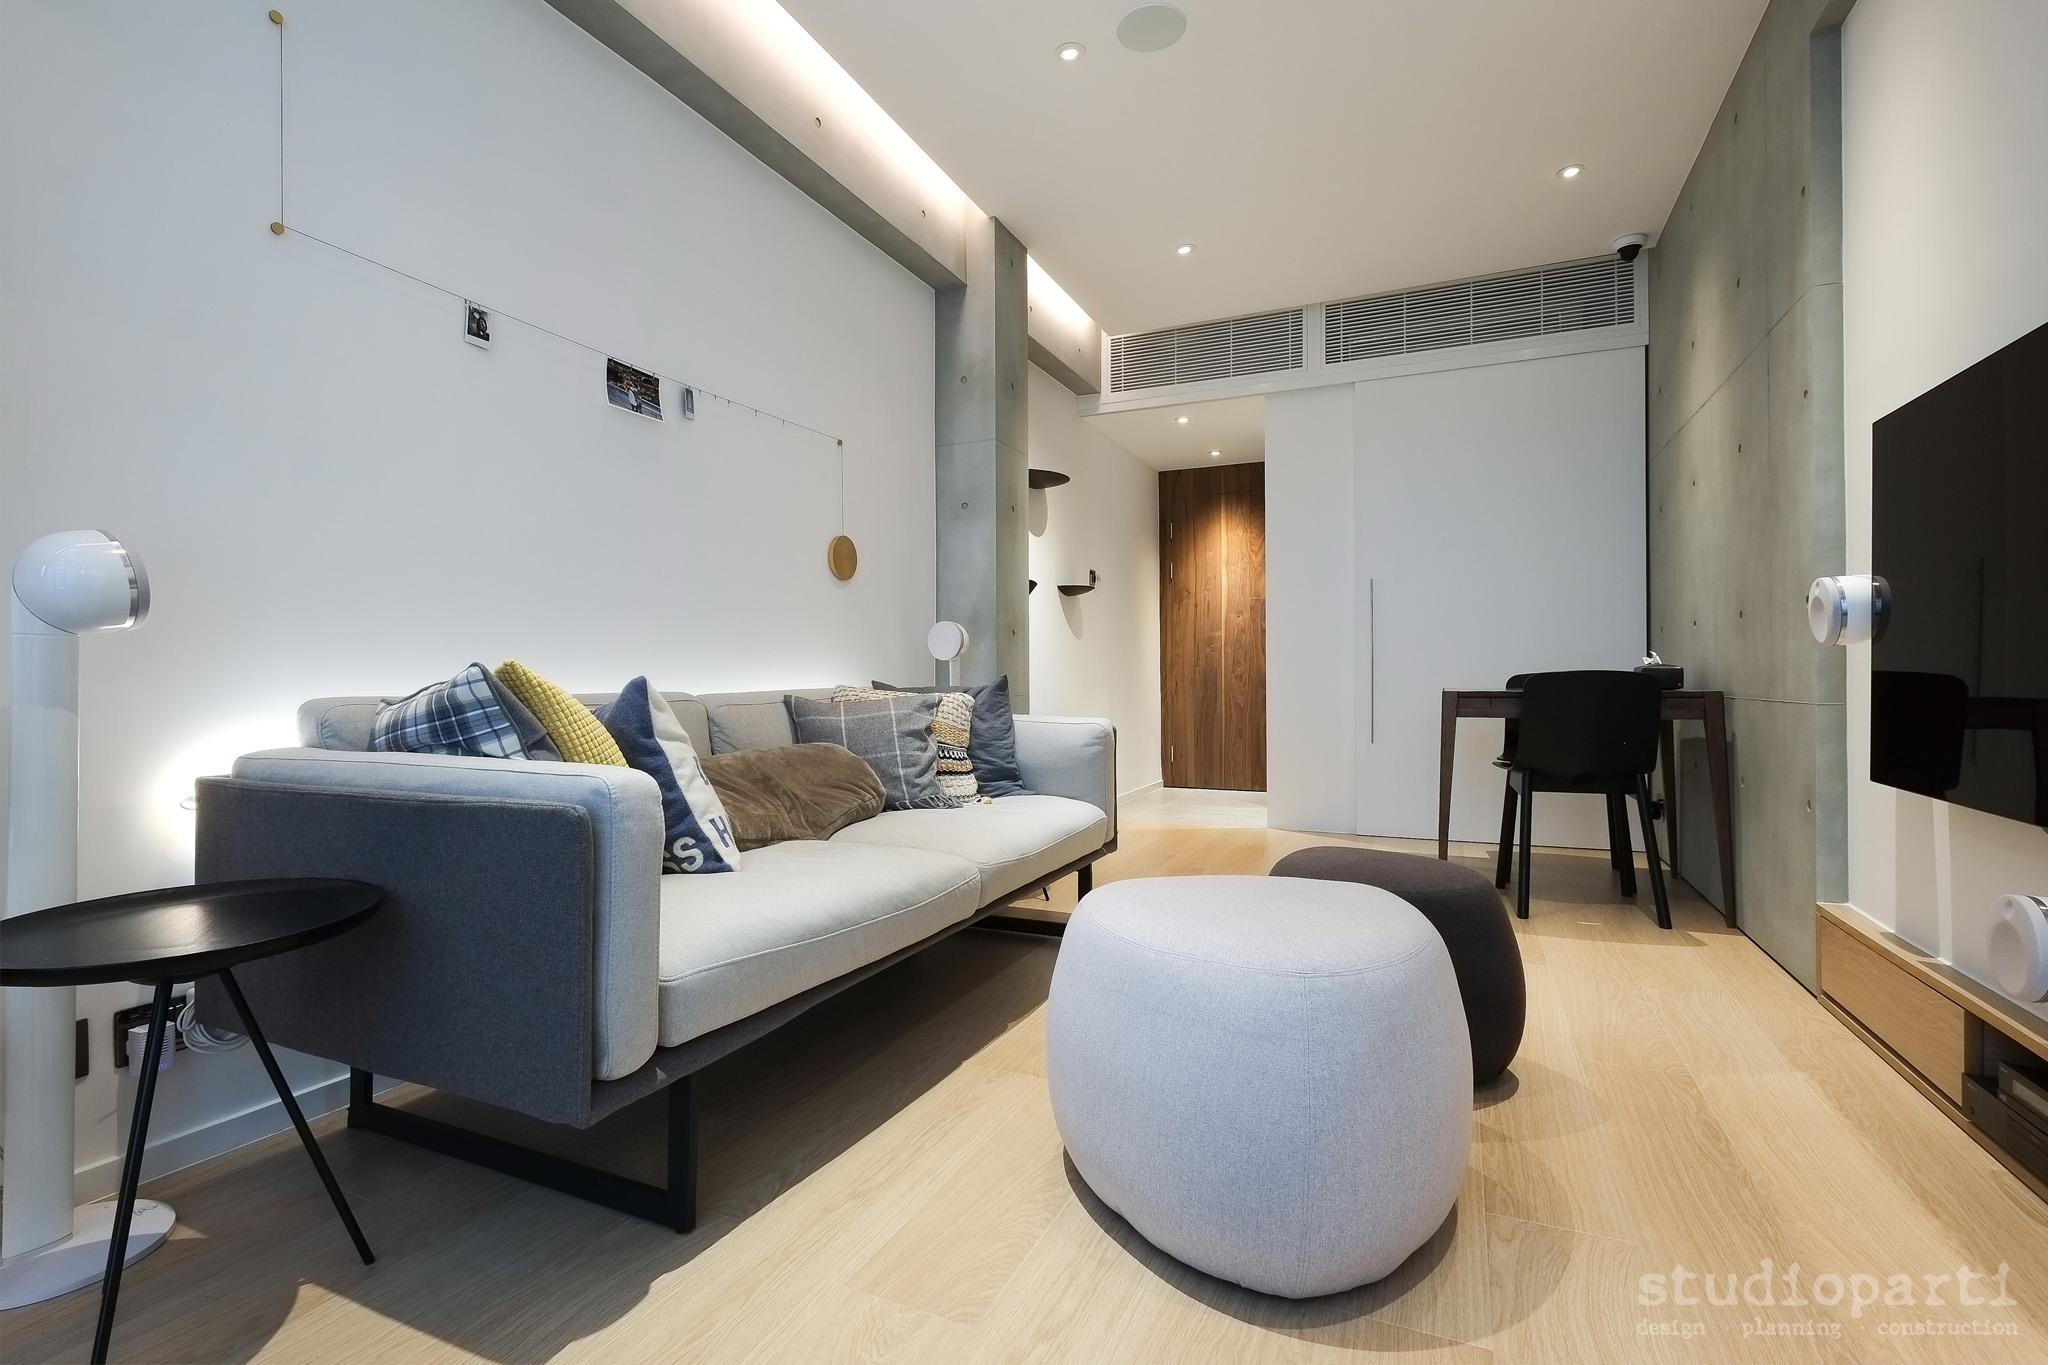 地板用上淺色橡木,為居室注入點點溫暖感。